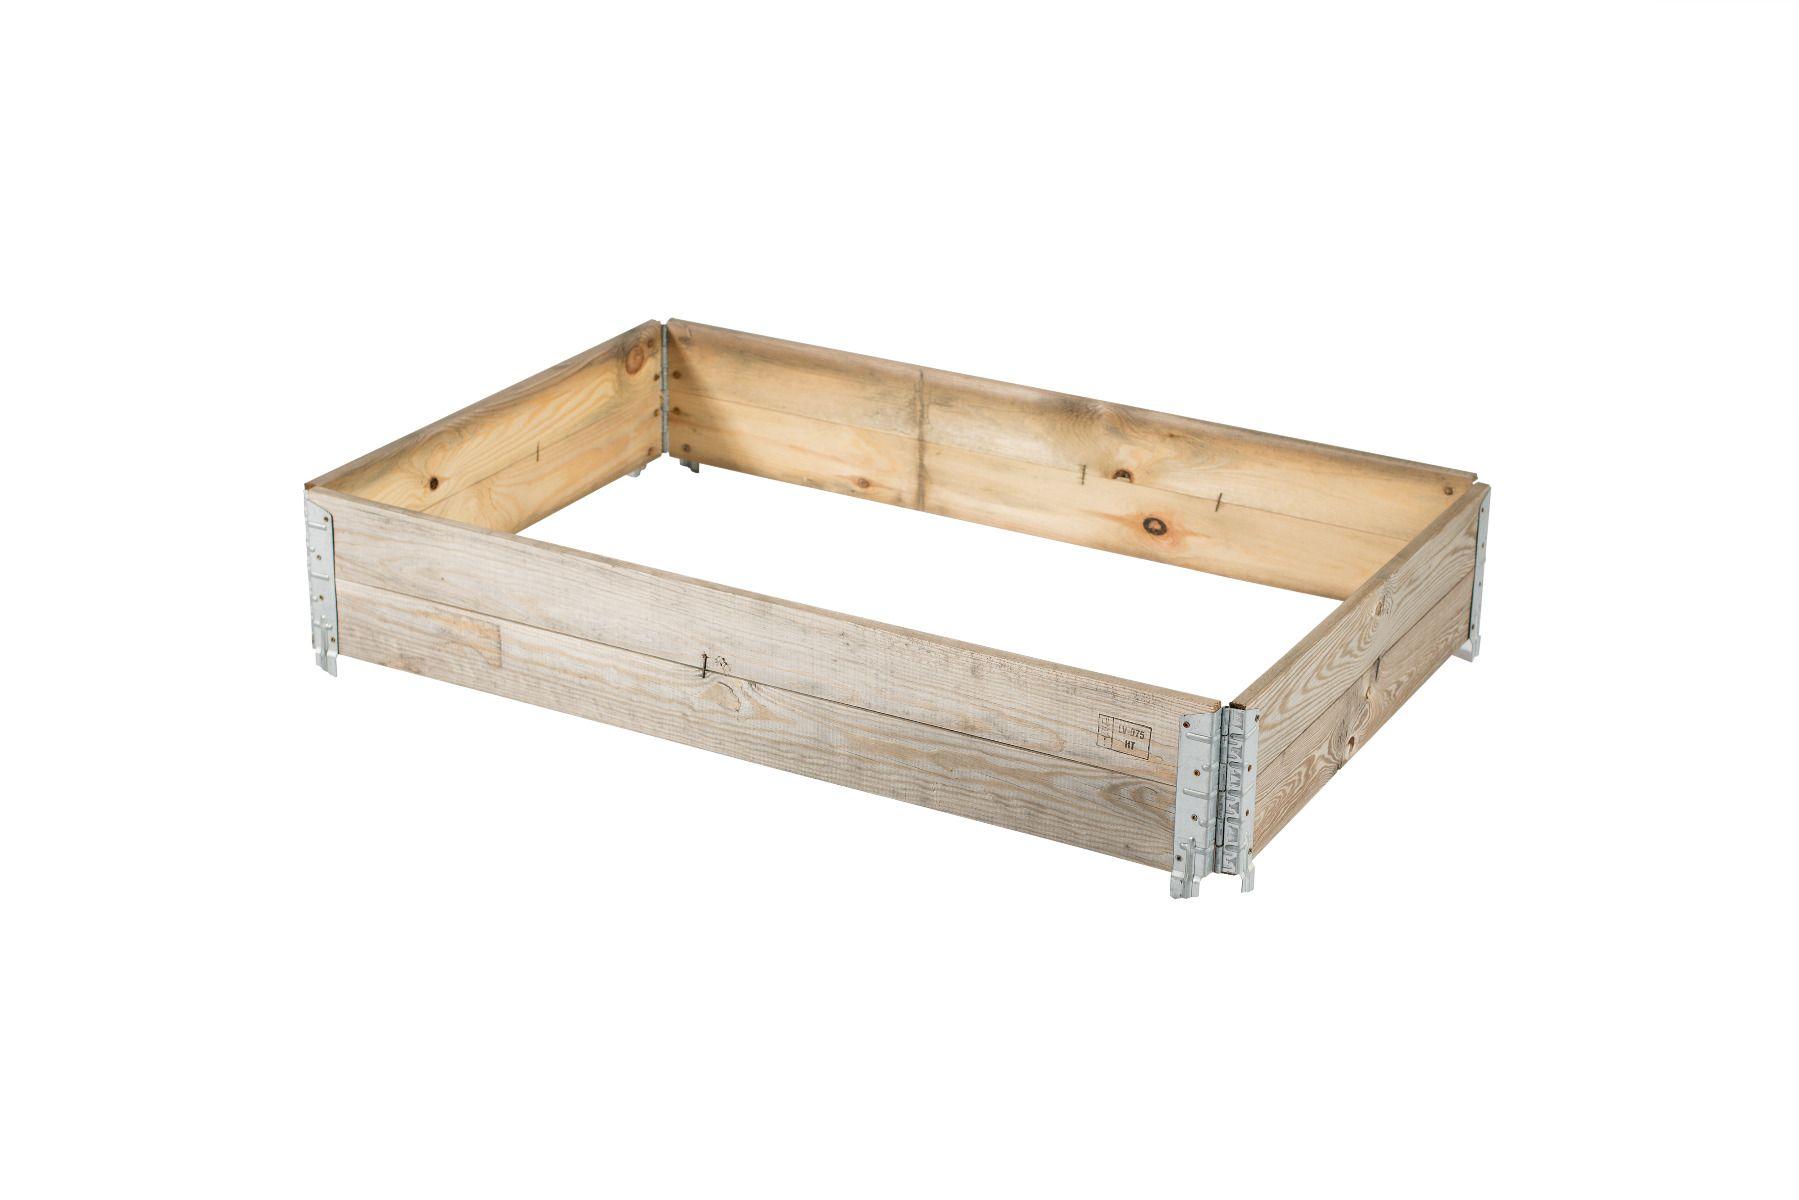 Nadstawki drewniane - Dlaczego są tak potrzebne w transporcie?